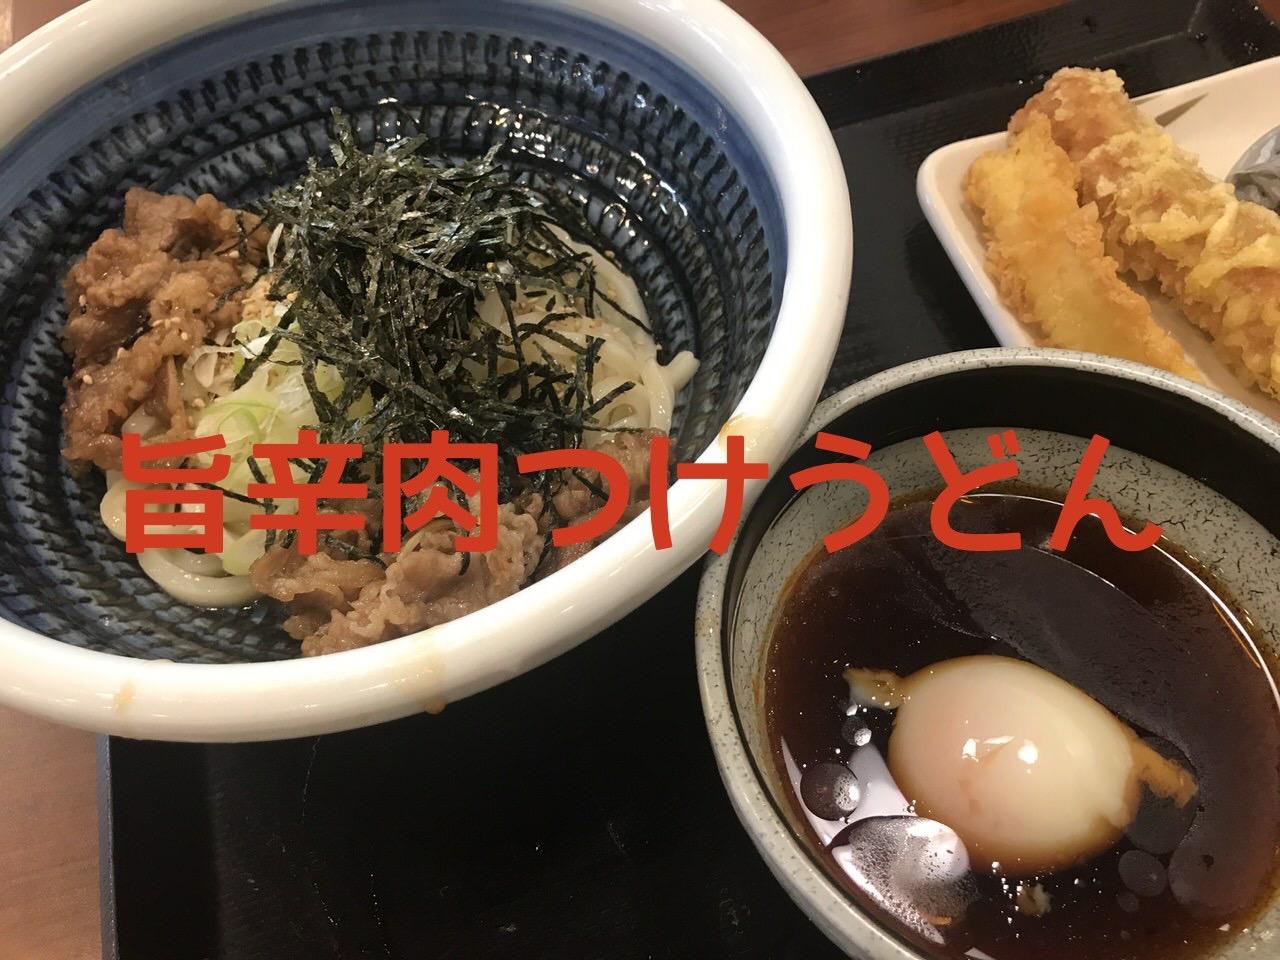 【丸亀製麺】「旨辛肉つけうどん」辣油入りのピリ辛な夏限定メニュー